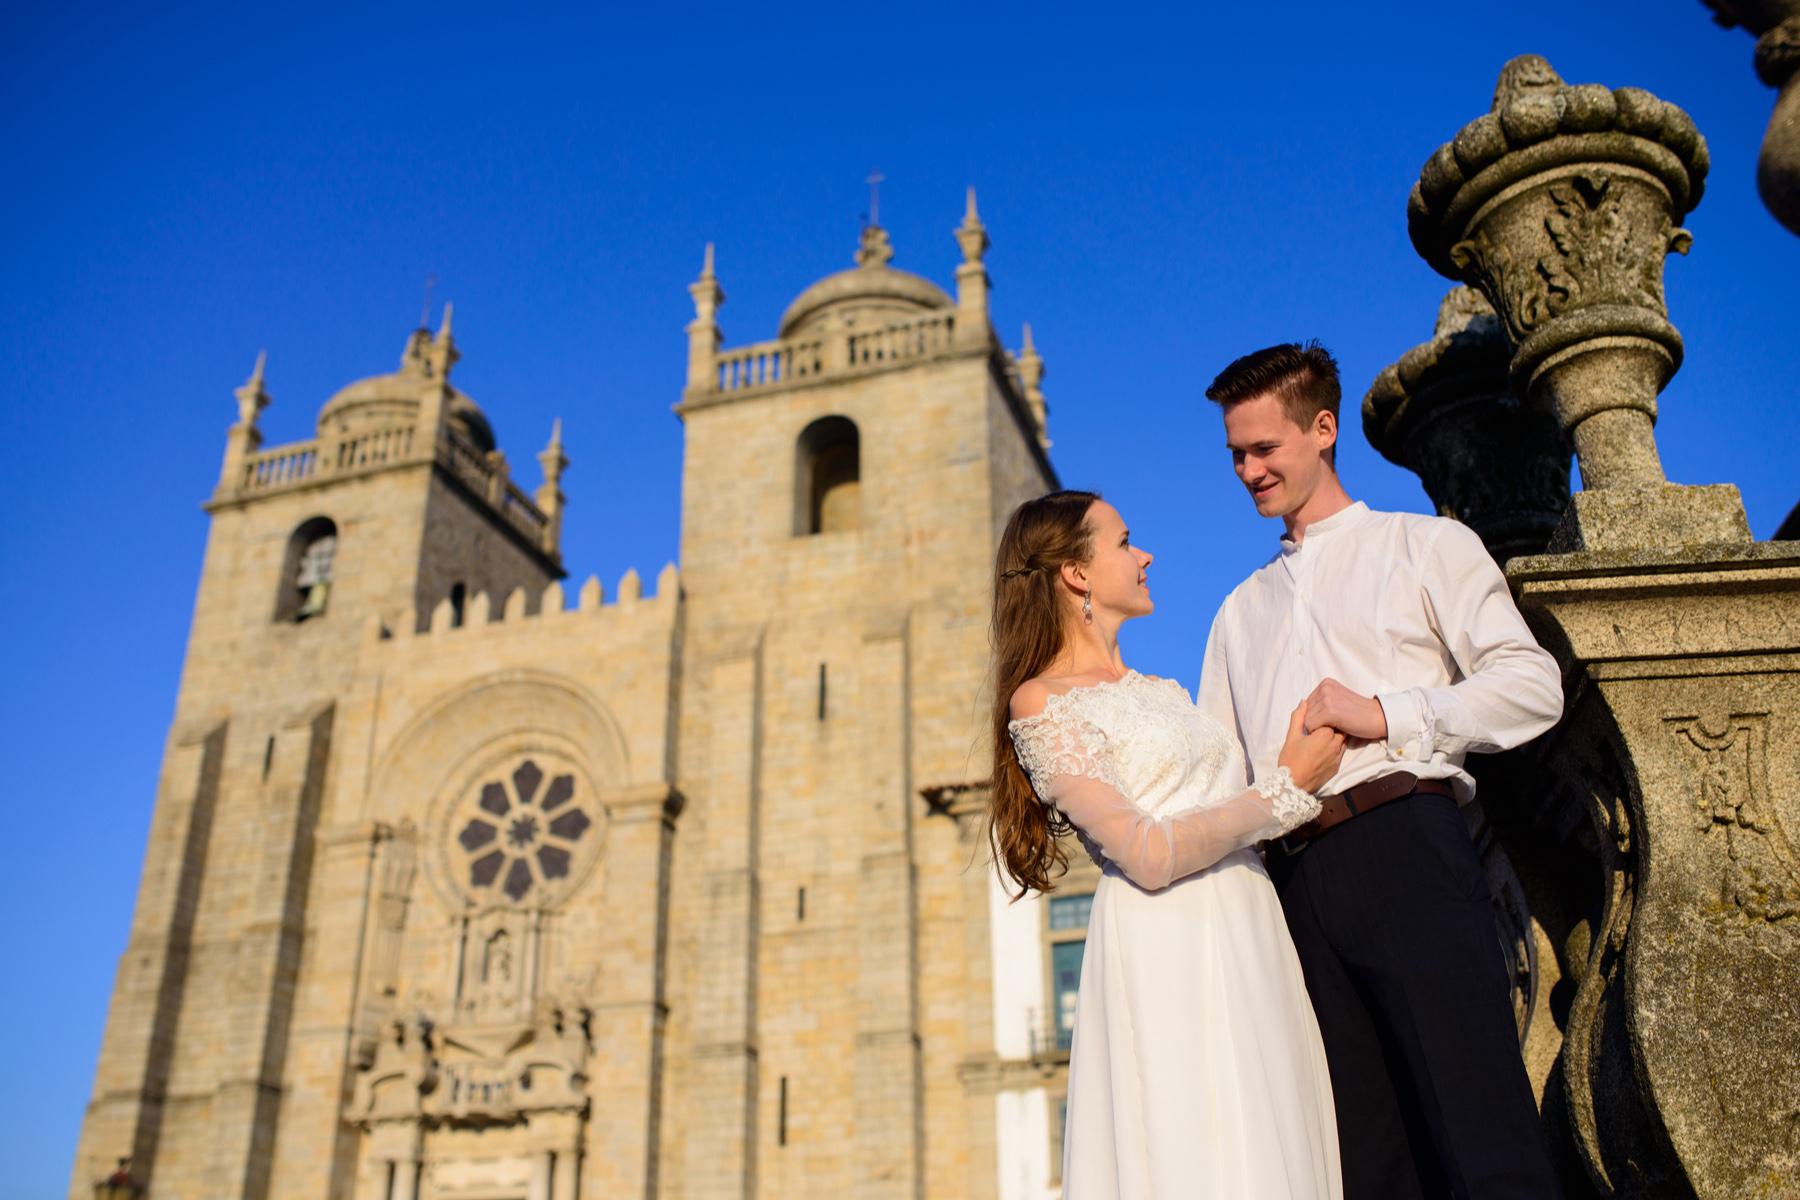 Church wedding in Portugal